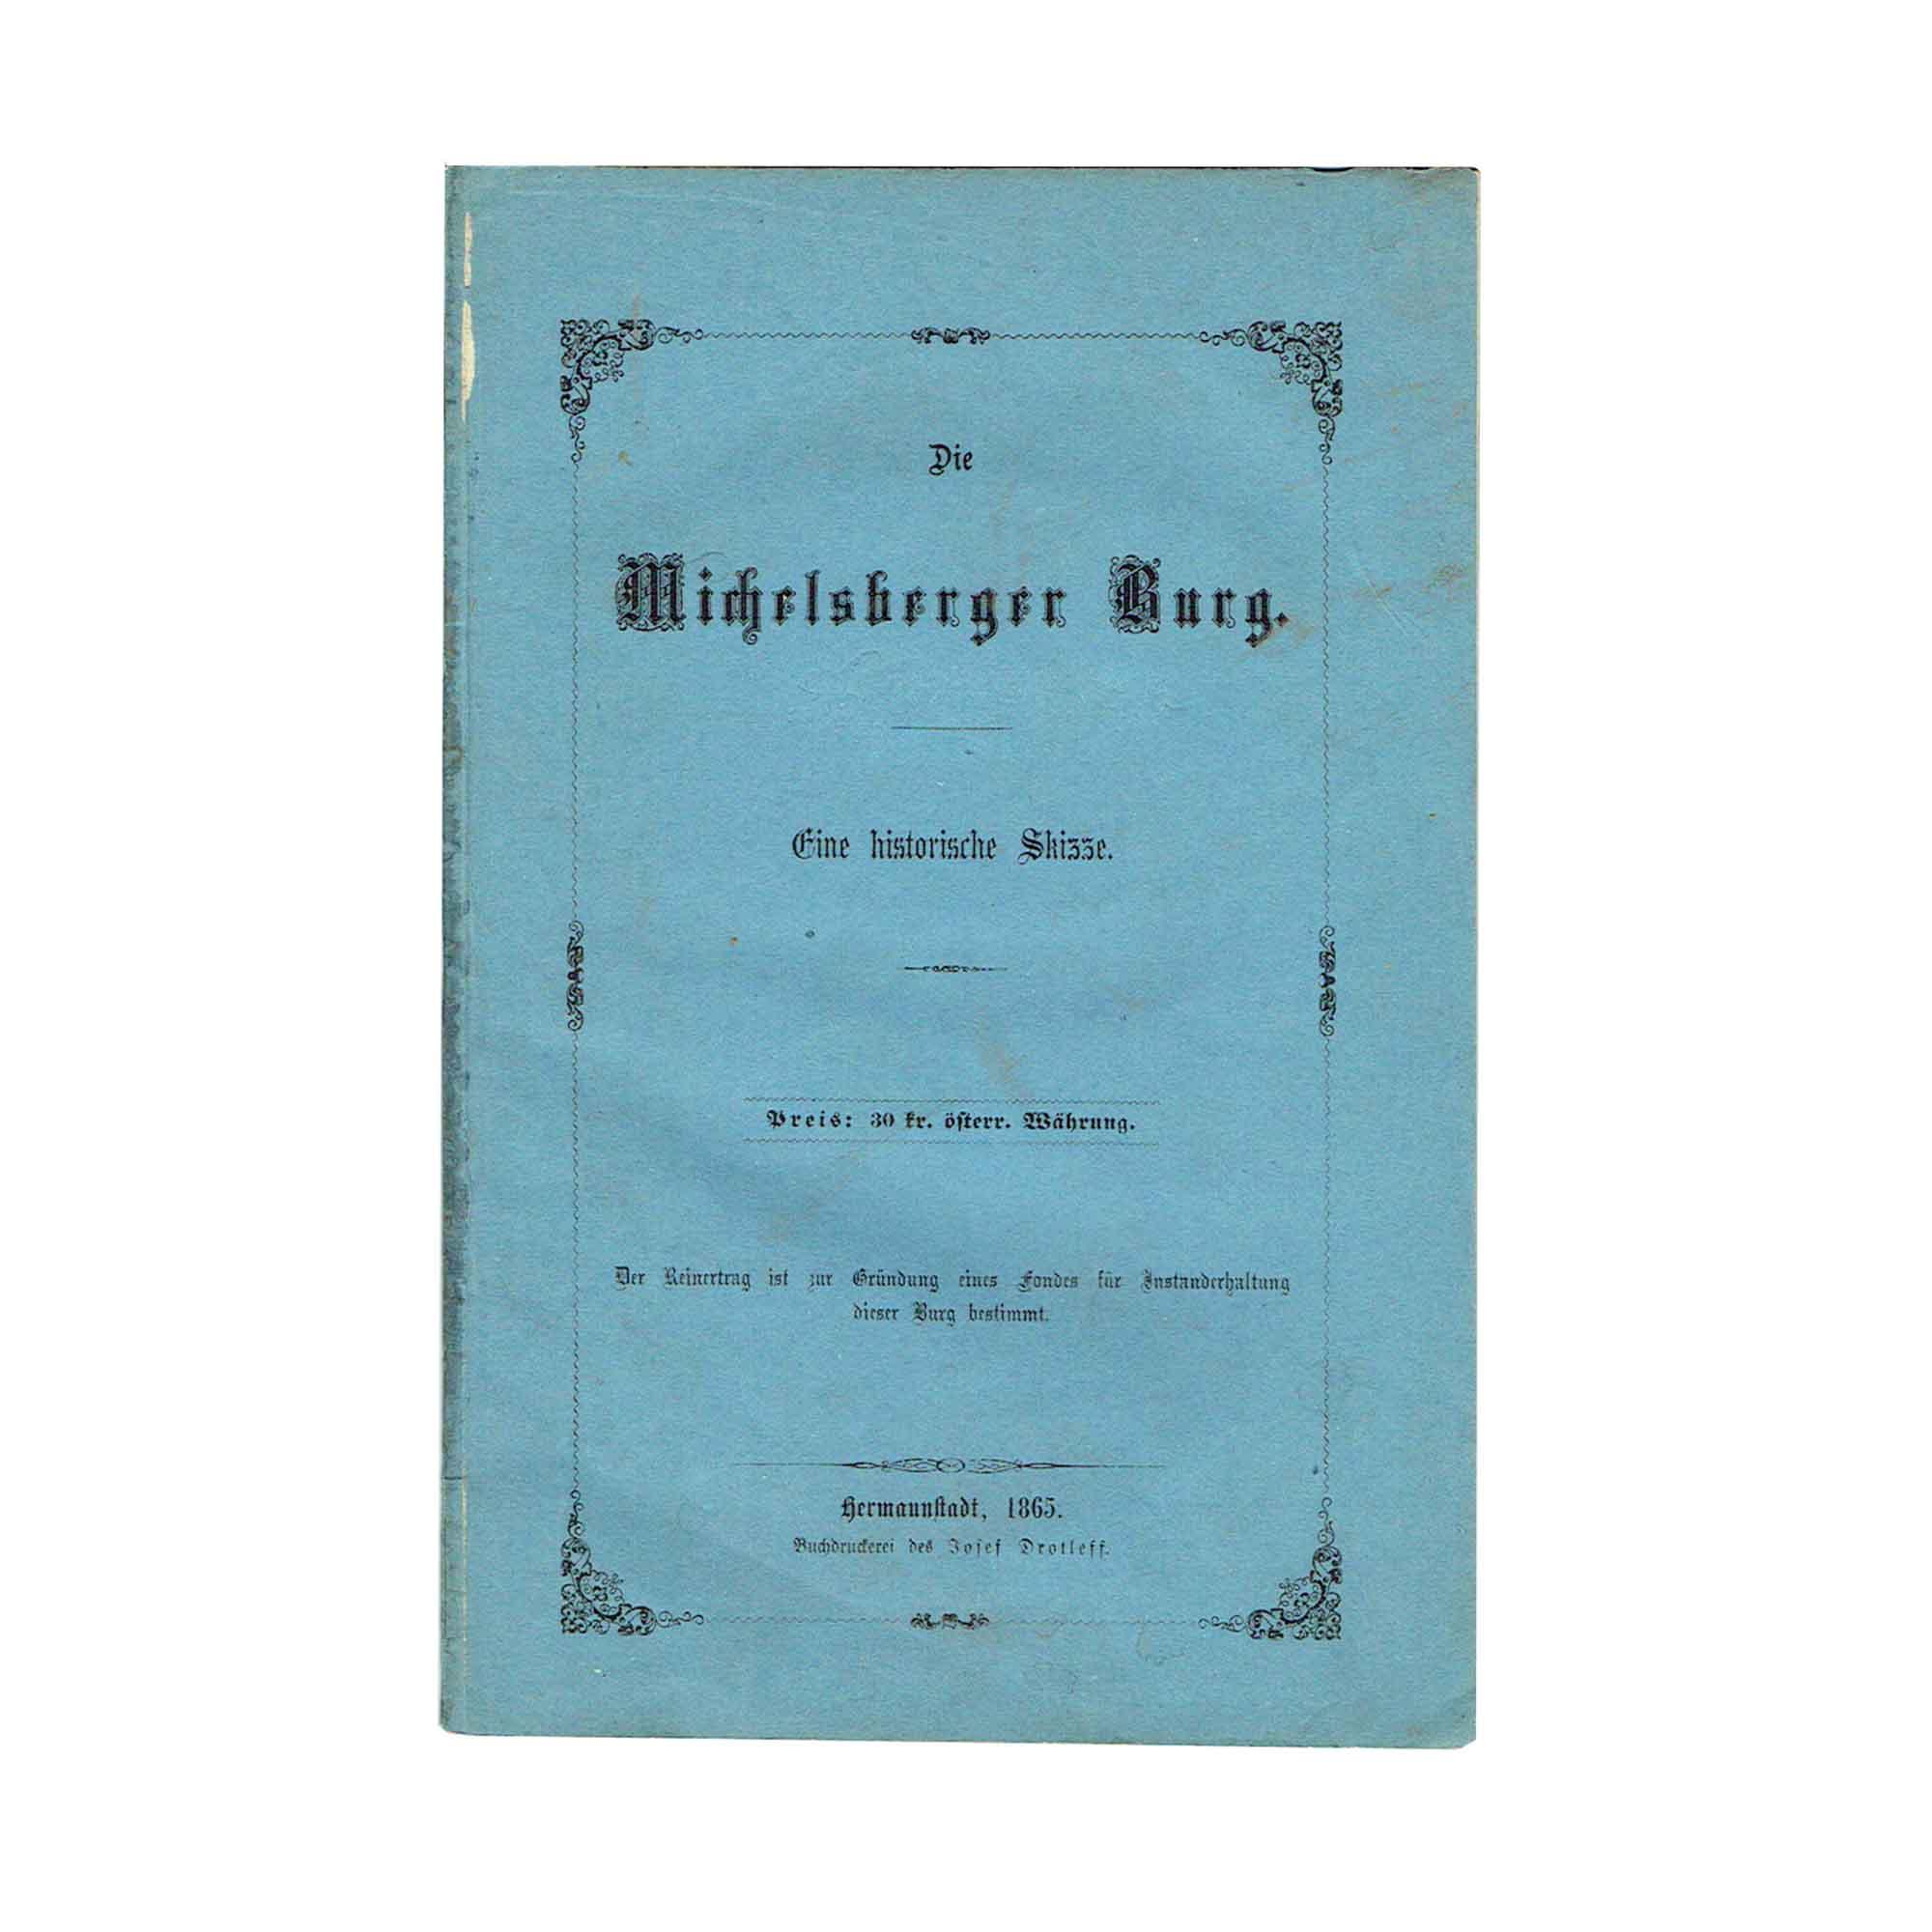 5436-Michelsberg-Burg-1863-Umschlag-frei-N.jpeg